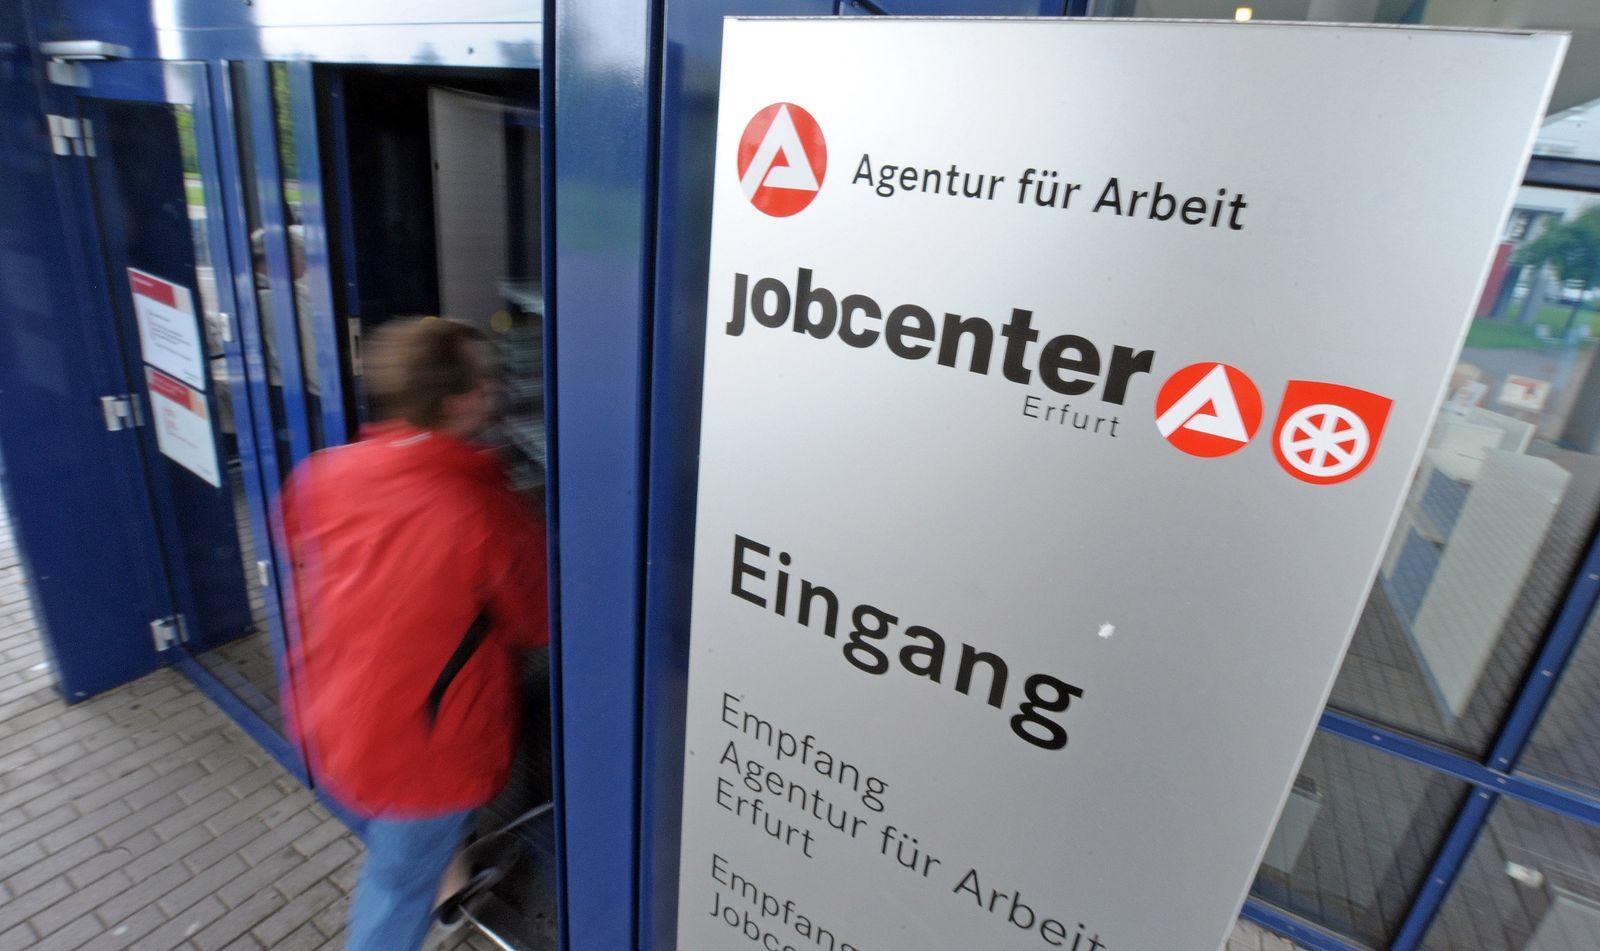 Jobcenter Erfurt / Arbeitsagentur / Arbeitsamt / Arbeitslose / Leiharbeit